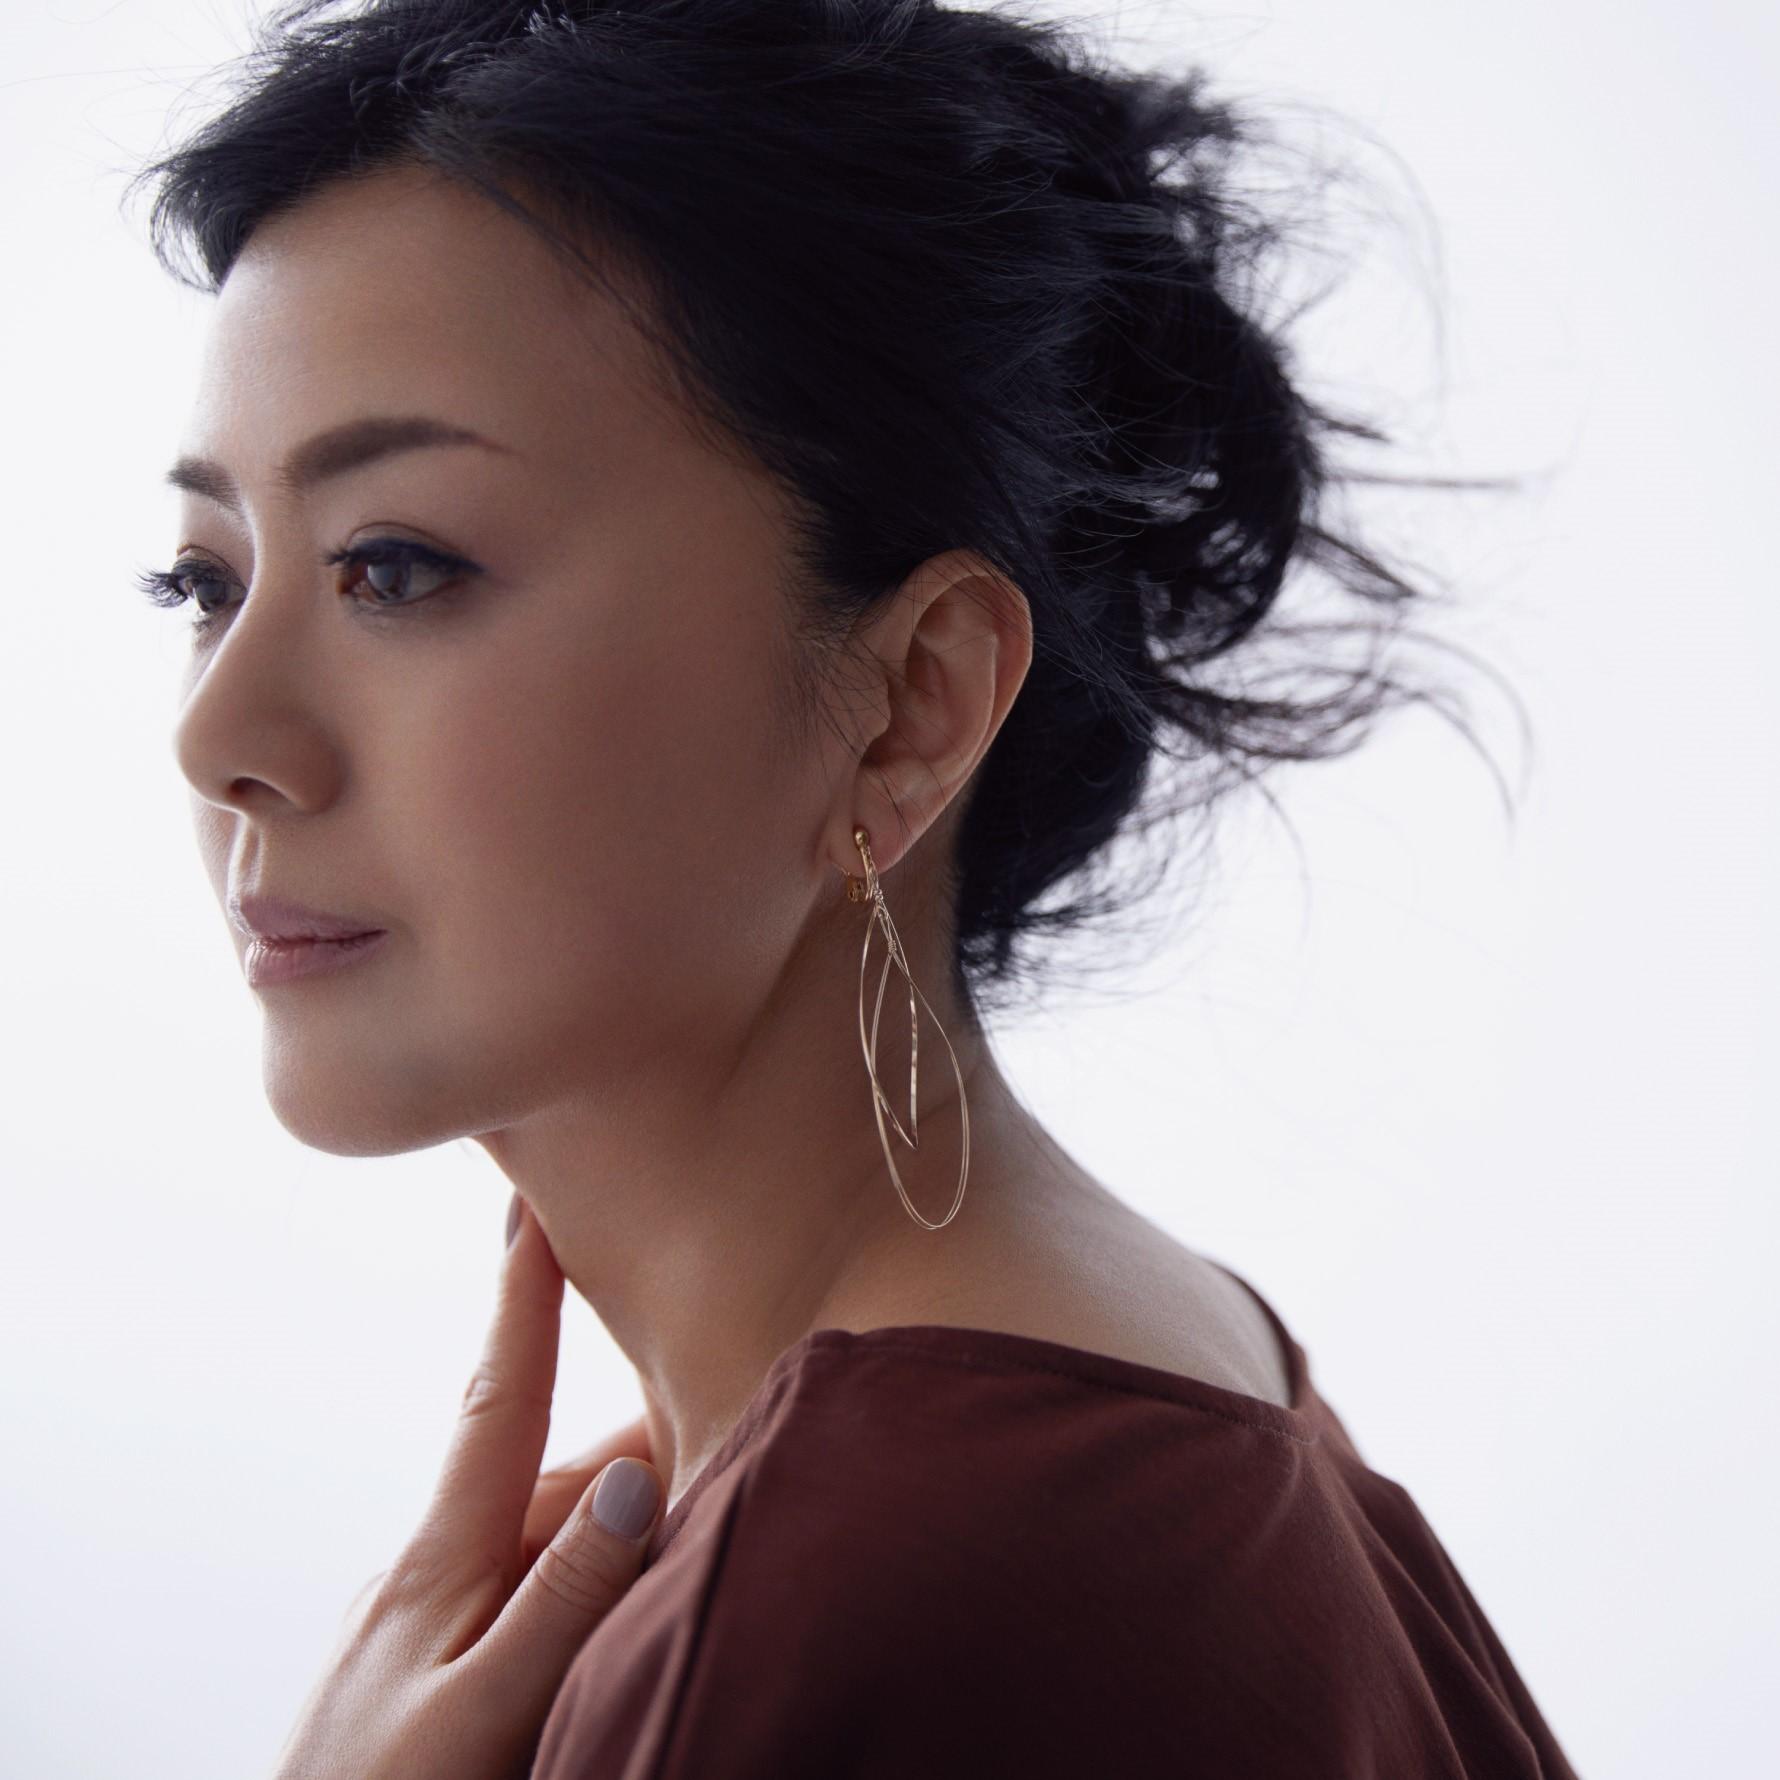 薬師丸ひろ子ニューアルバム『エトワール』